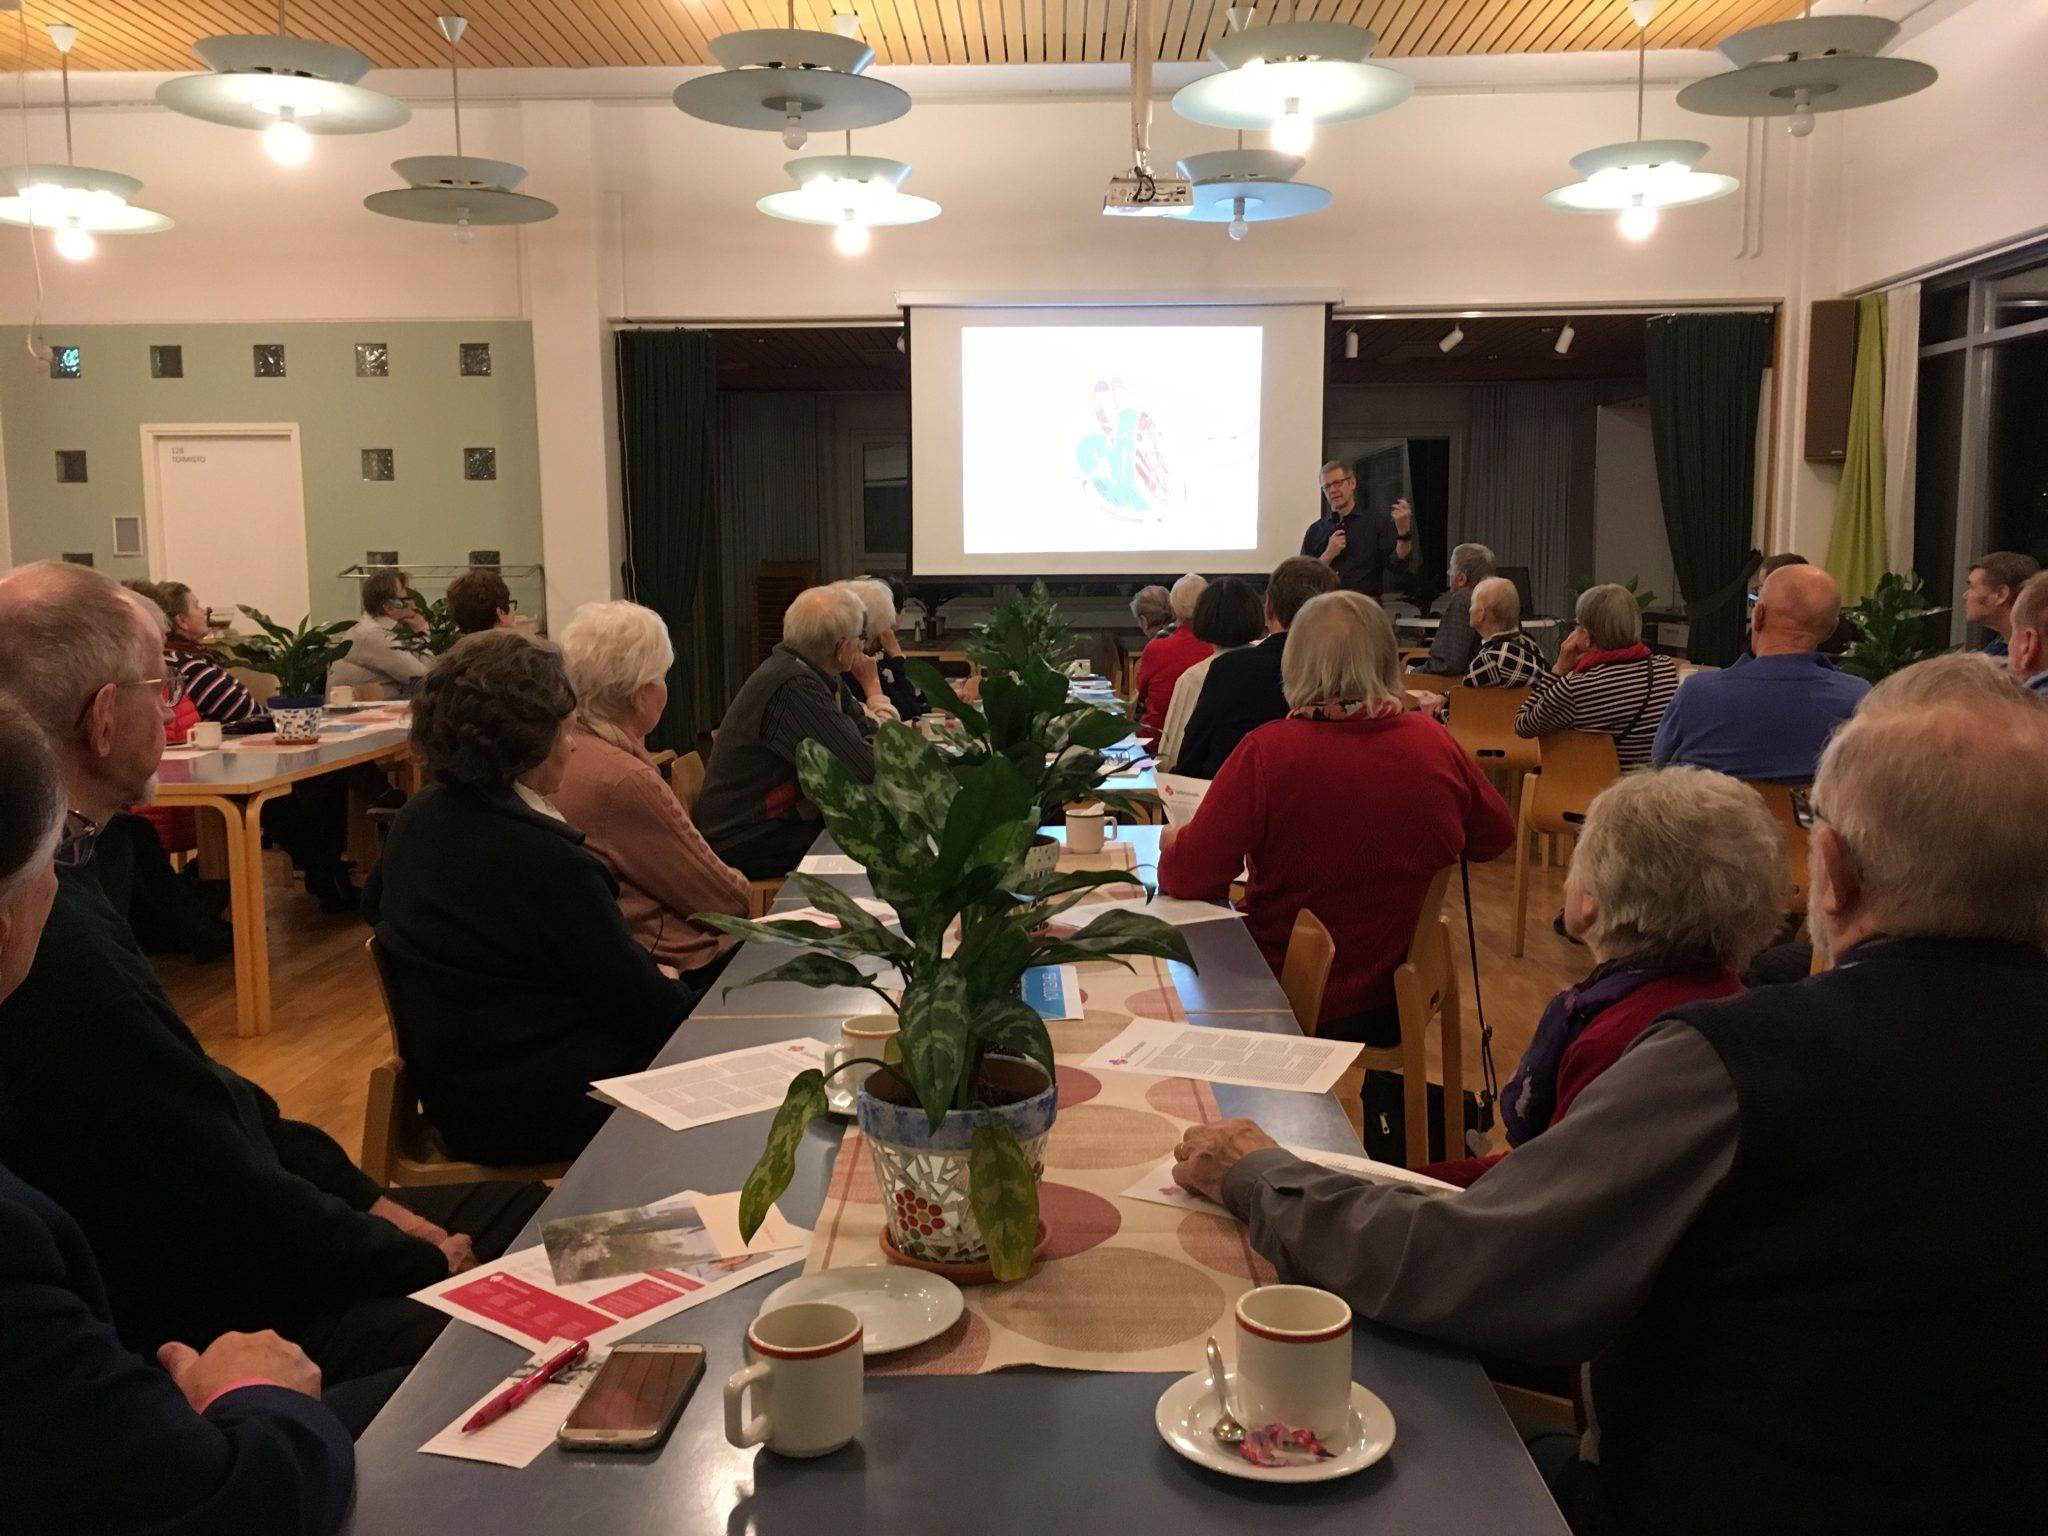 Sydänsairaalan yleisöluento Järvenpäässä keräsi paikalle yli 50 kuulijaa.